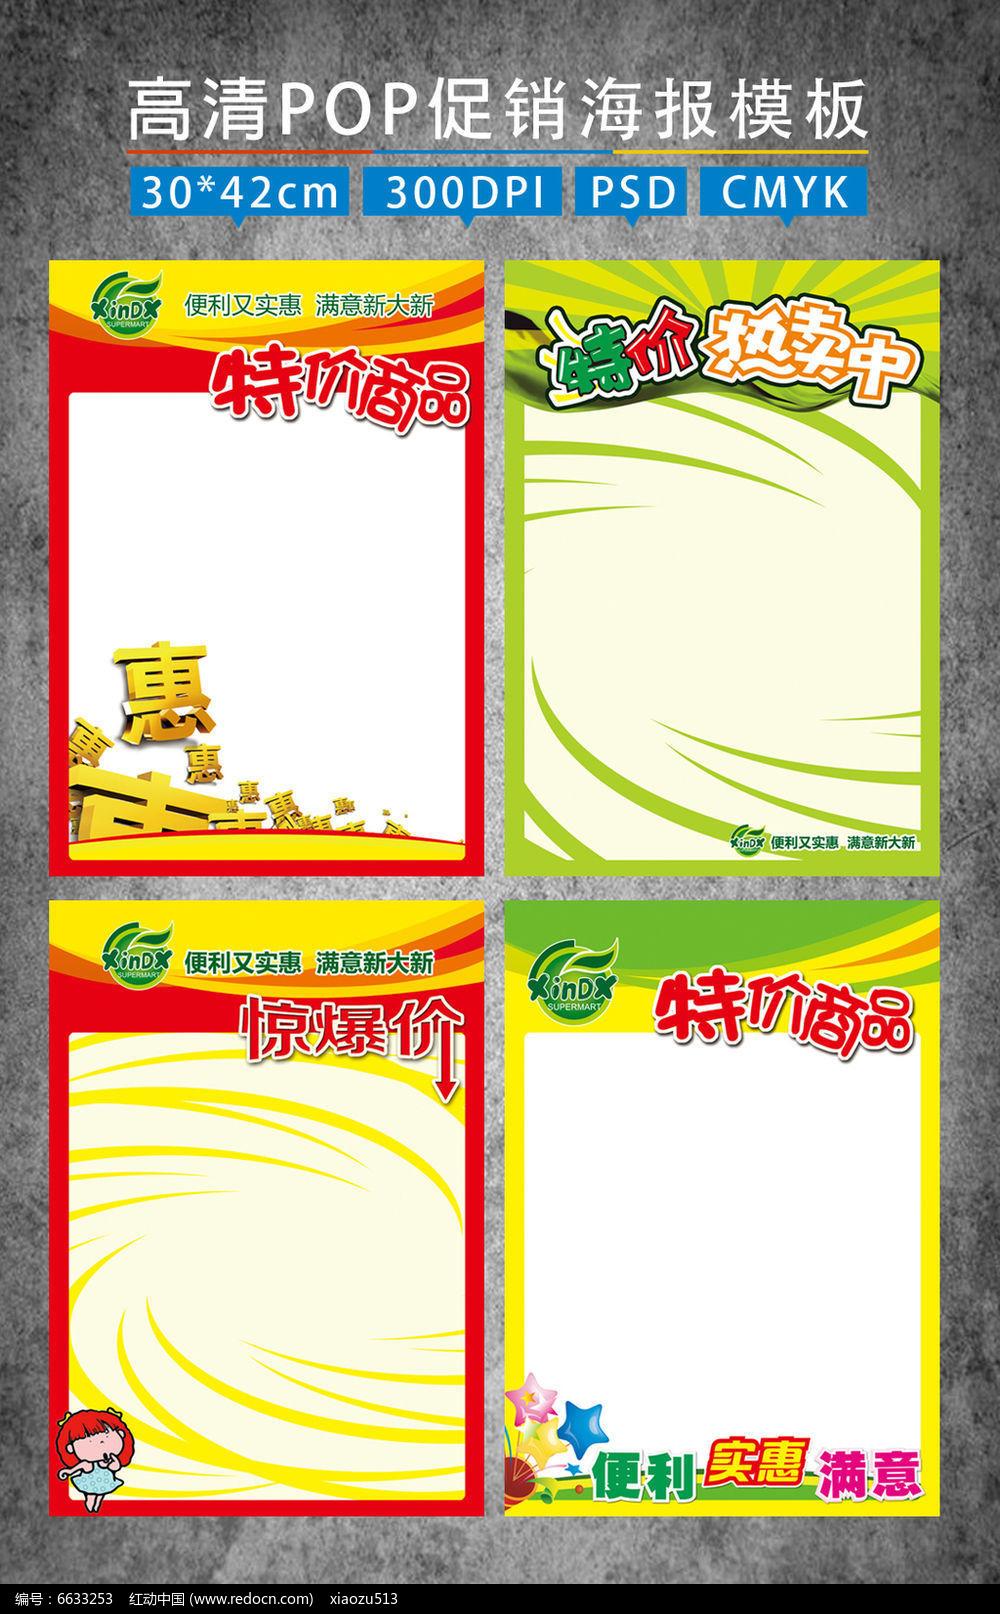 超市特价POP手写海报PSD素材下载 编号6633253 红动网